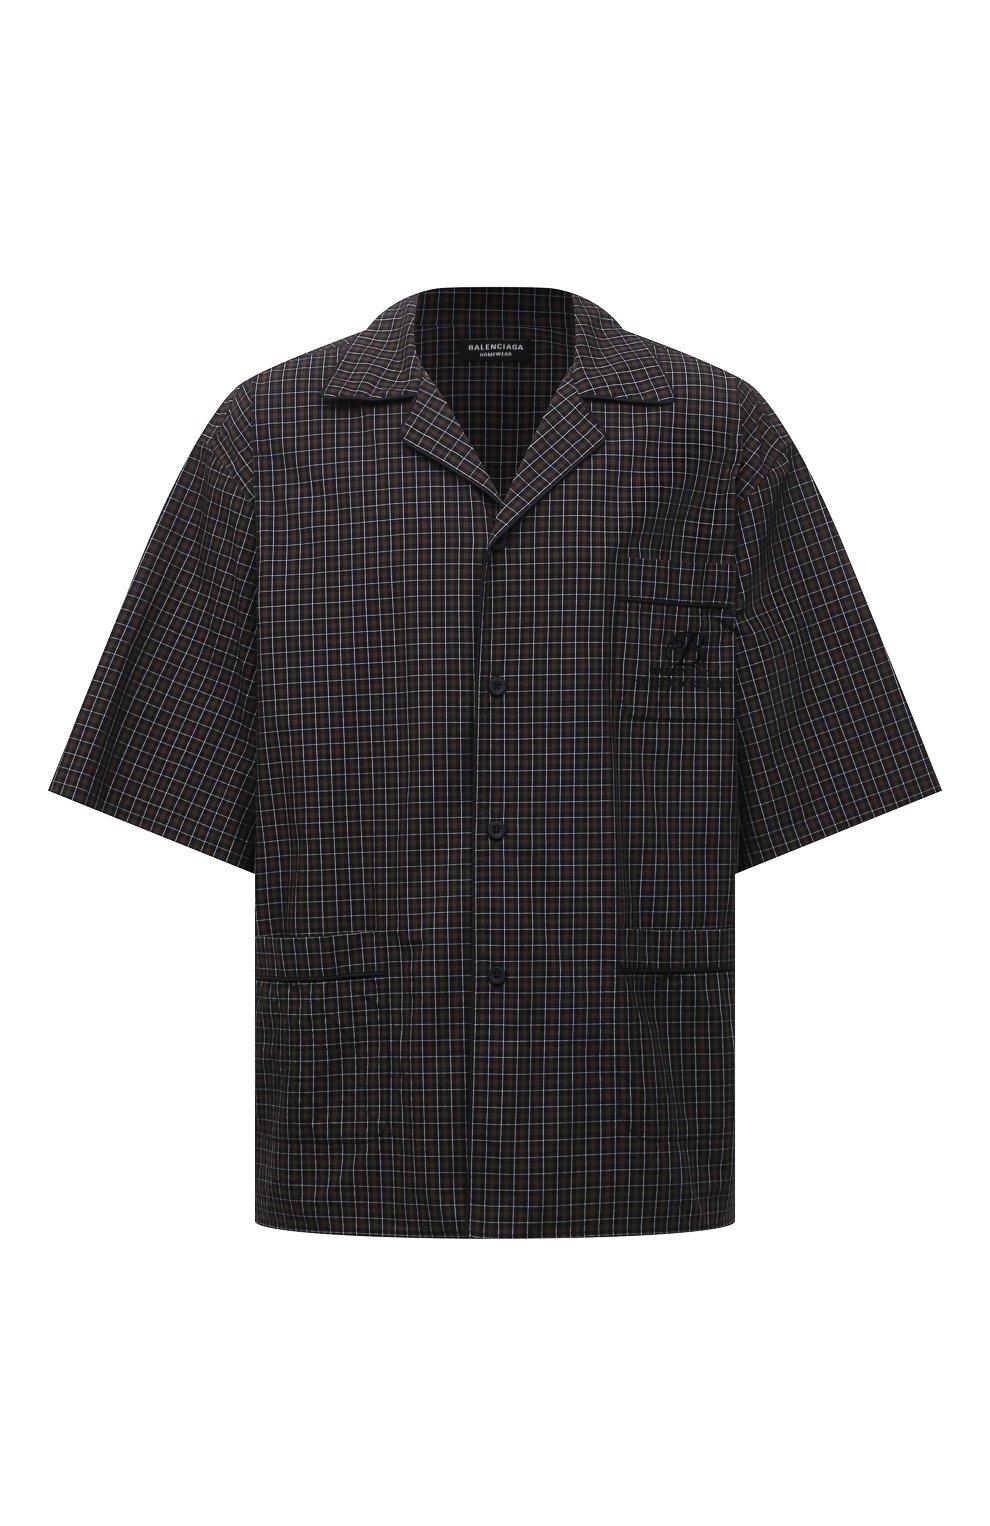 Мужская хлопковая рубашка BALENCIAGA хаки цвета, арт. 658845/TKM34   Фото 1 (Принт: Клетка; Рукава: Короткие; Случай: Повседневный; Длина (для топов): Стандартные, Удлиненные; Материал внешний: Хлопок; Воротник: Отложной; Стили: Минимализм)